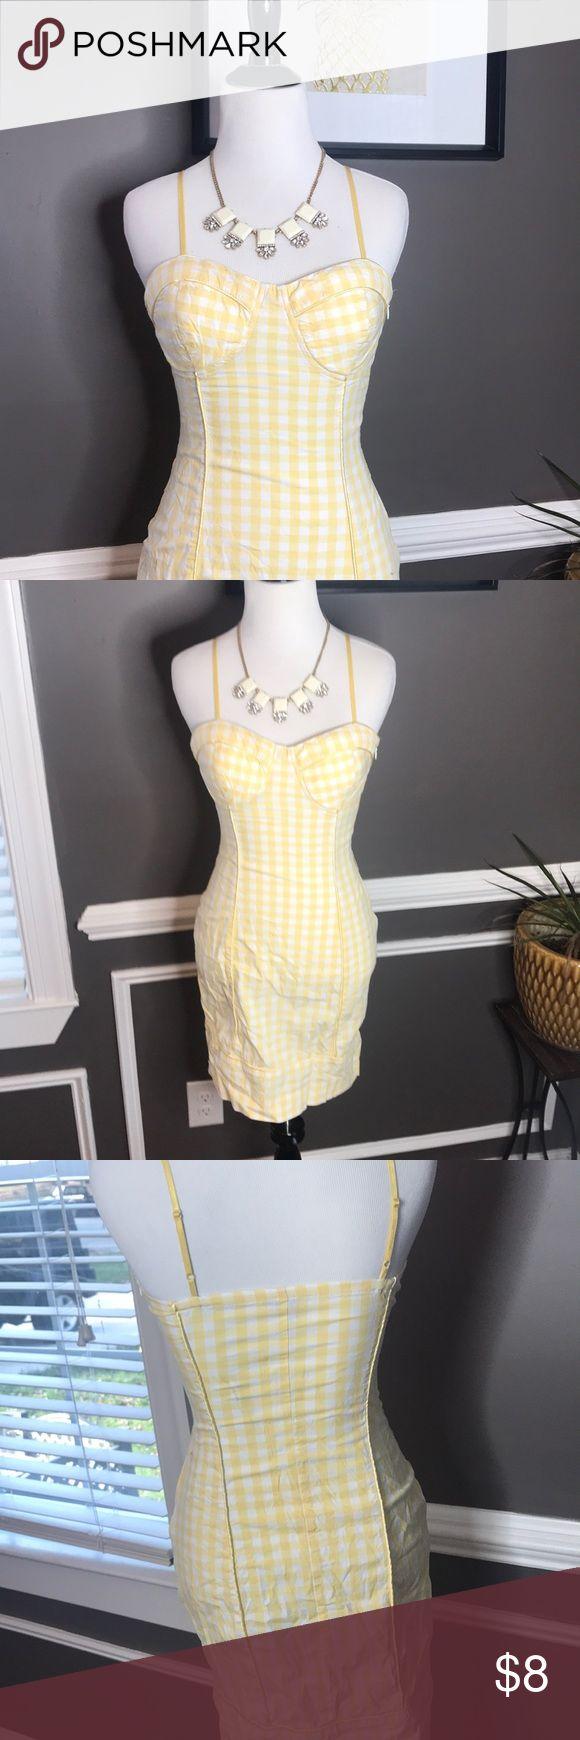 Guess dress skin tight mini dress Guess Dresses Mini